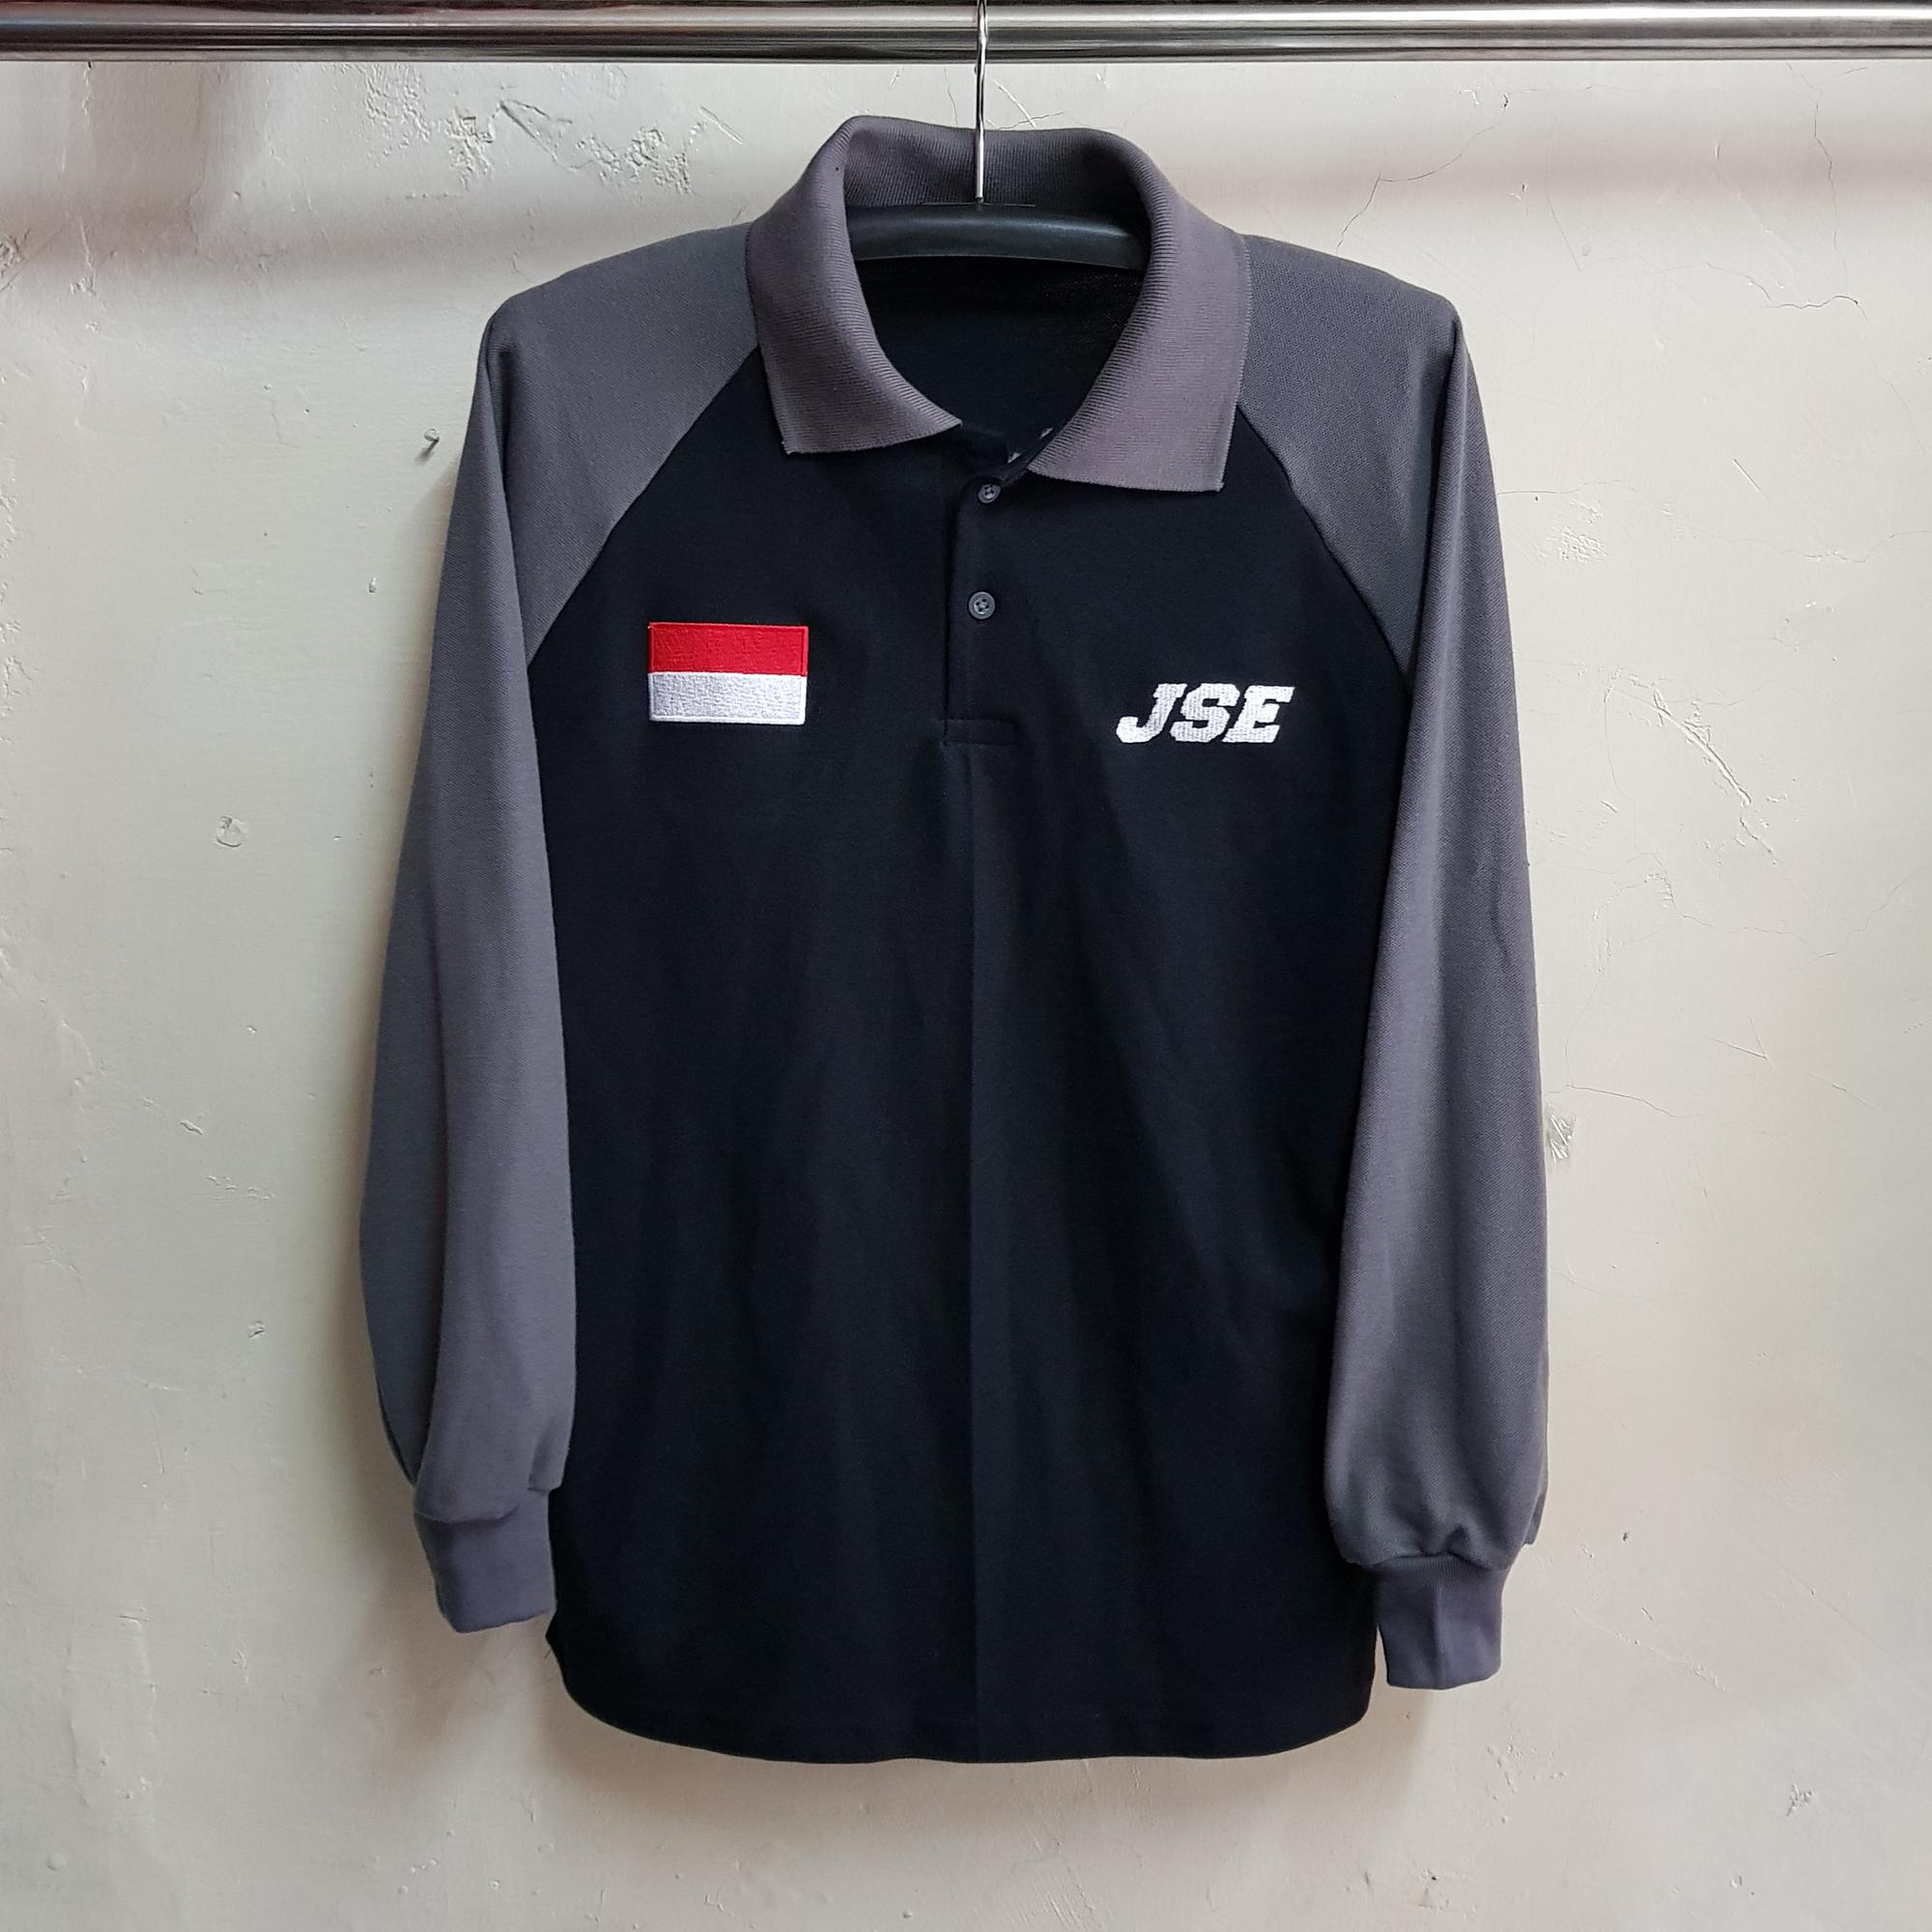 Poloshirt Raglan JSE, Seragam Kaos Kerah